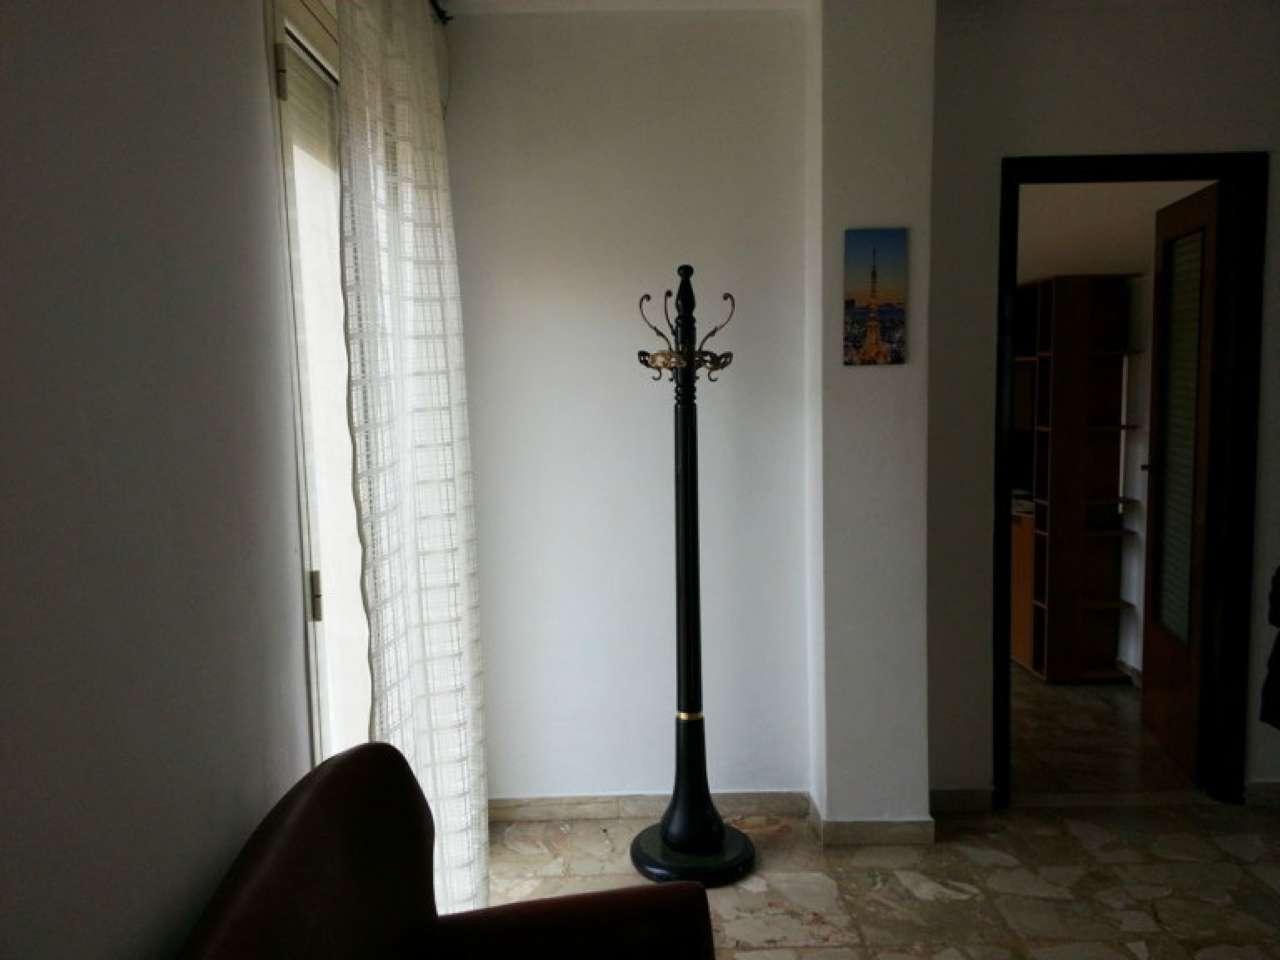 Attico / Mansarda in affitto a Siracusa, 2 locali, prezzo € 550 | Cambio Casa.it